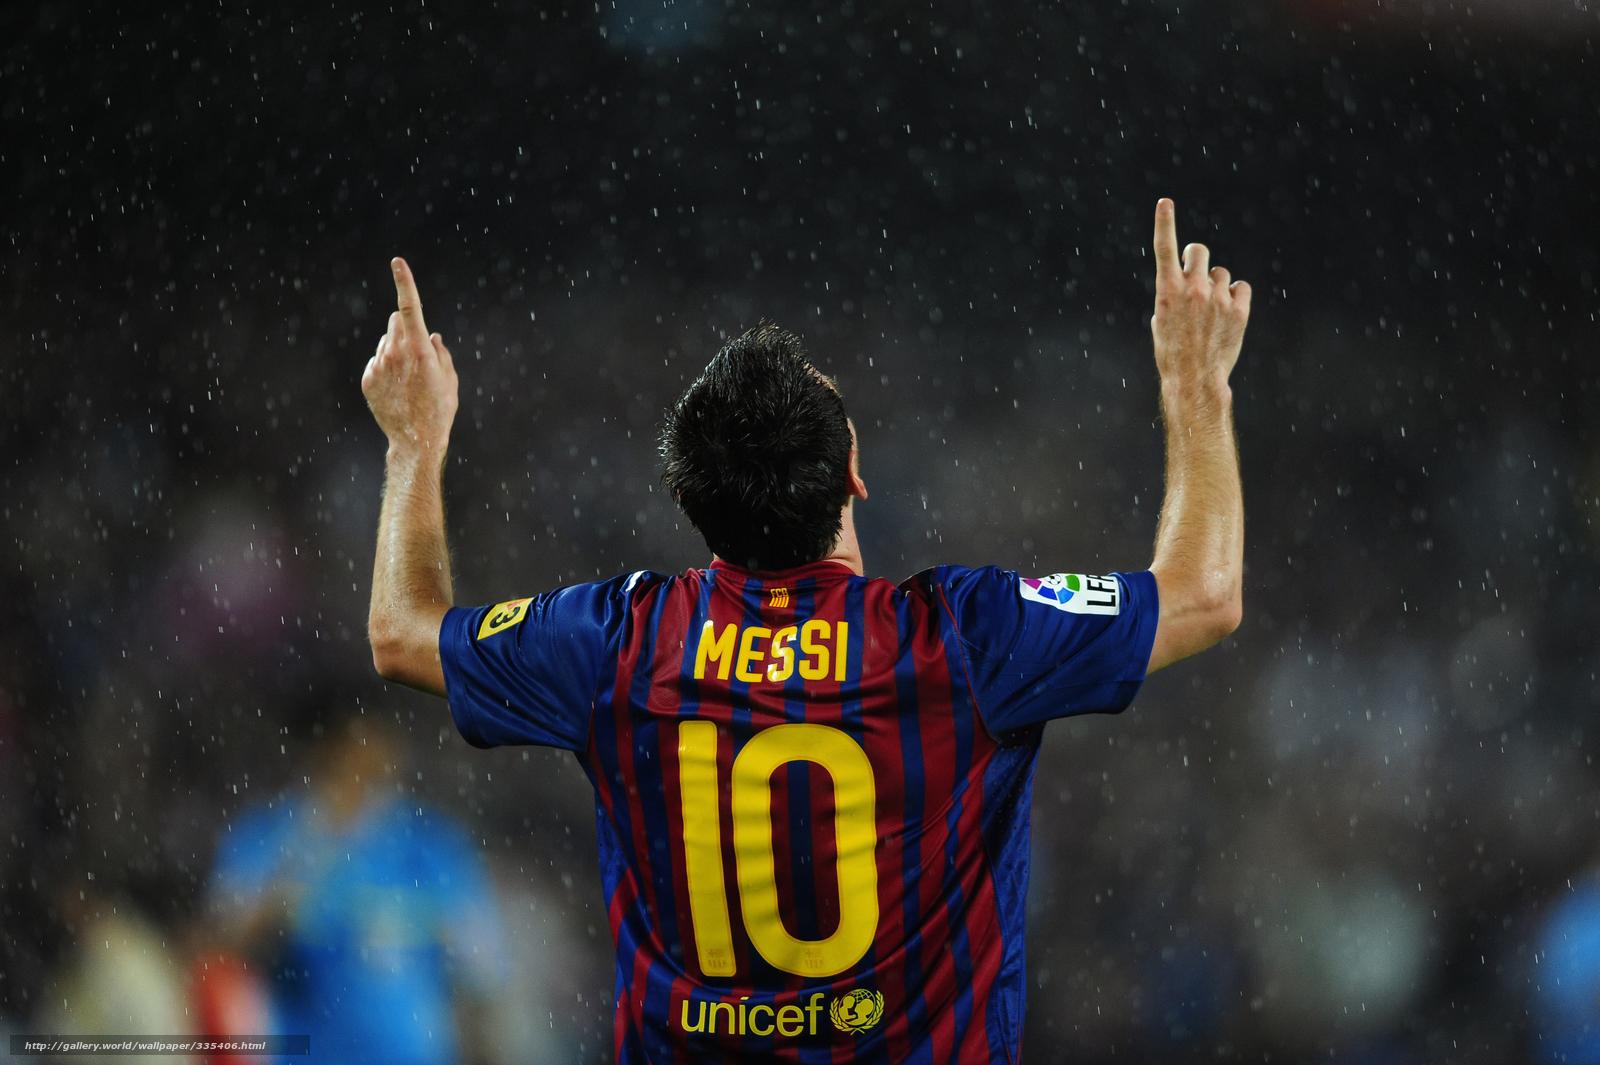 Download Wallpaper Lionel Messi Rain Fc Barcelona